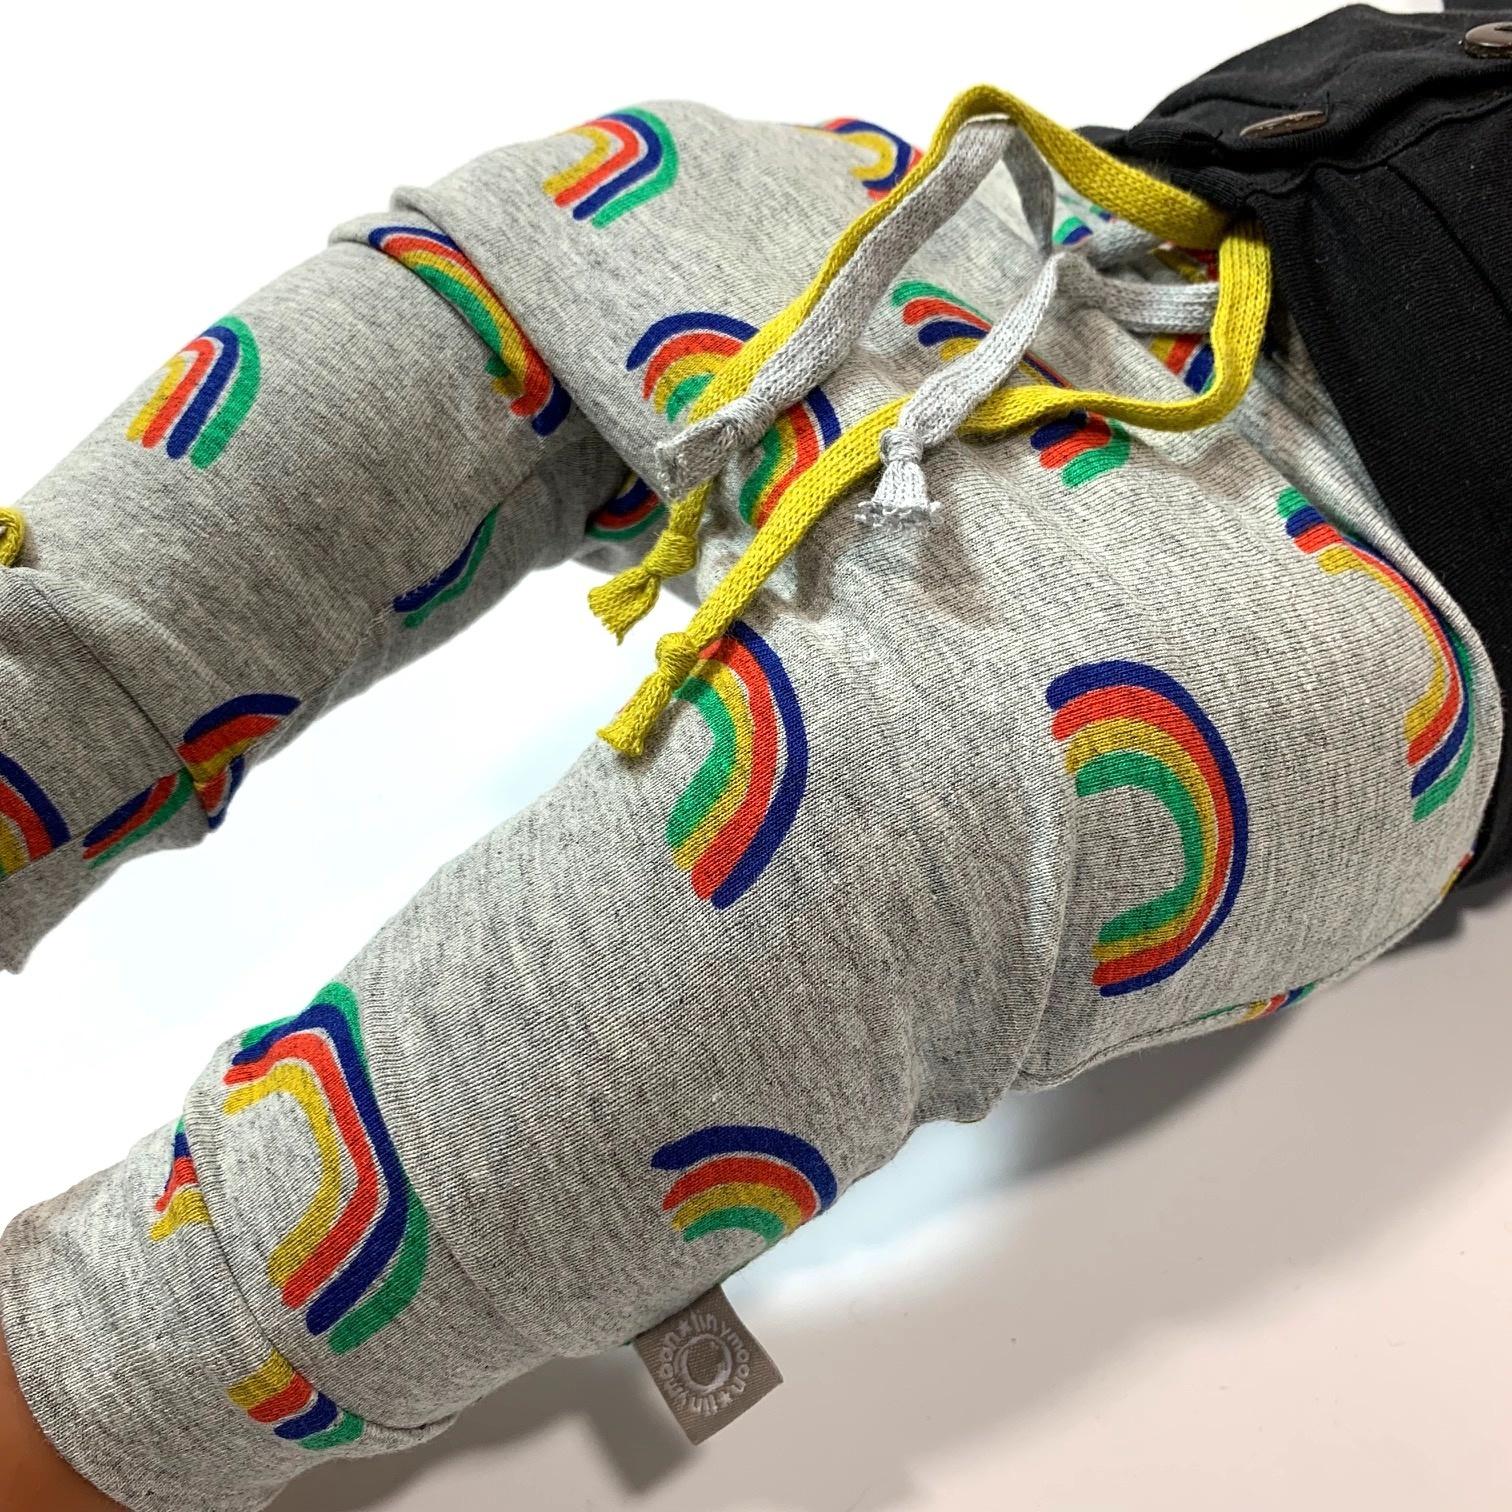 Baggy grijs broekje met regenbogen